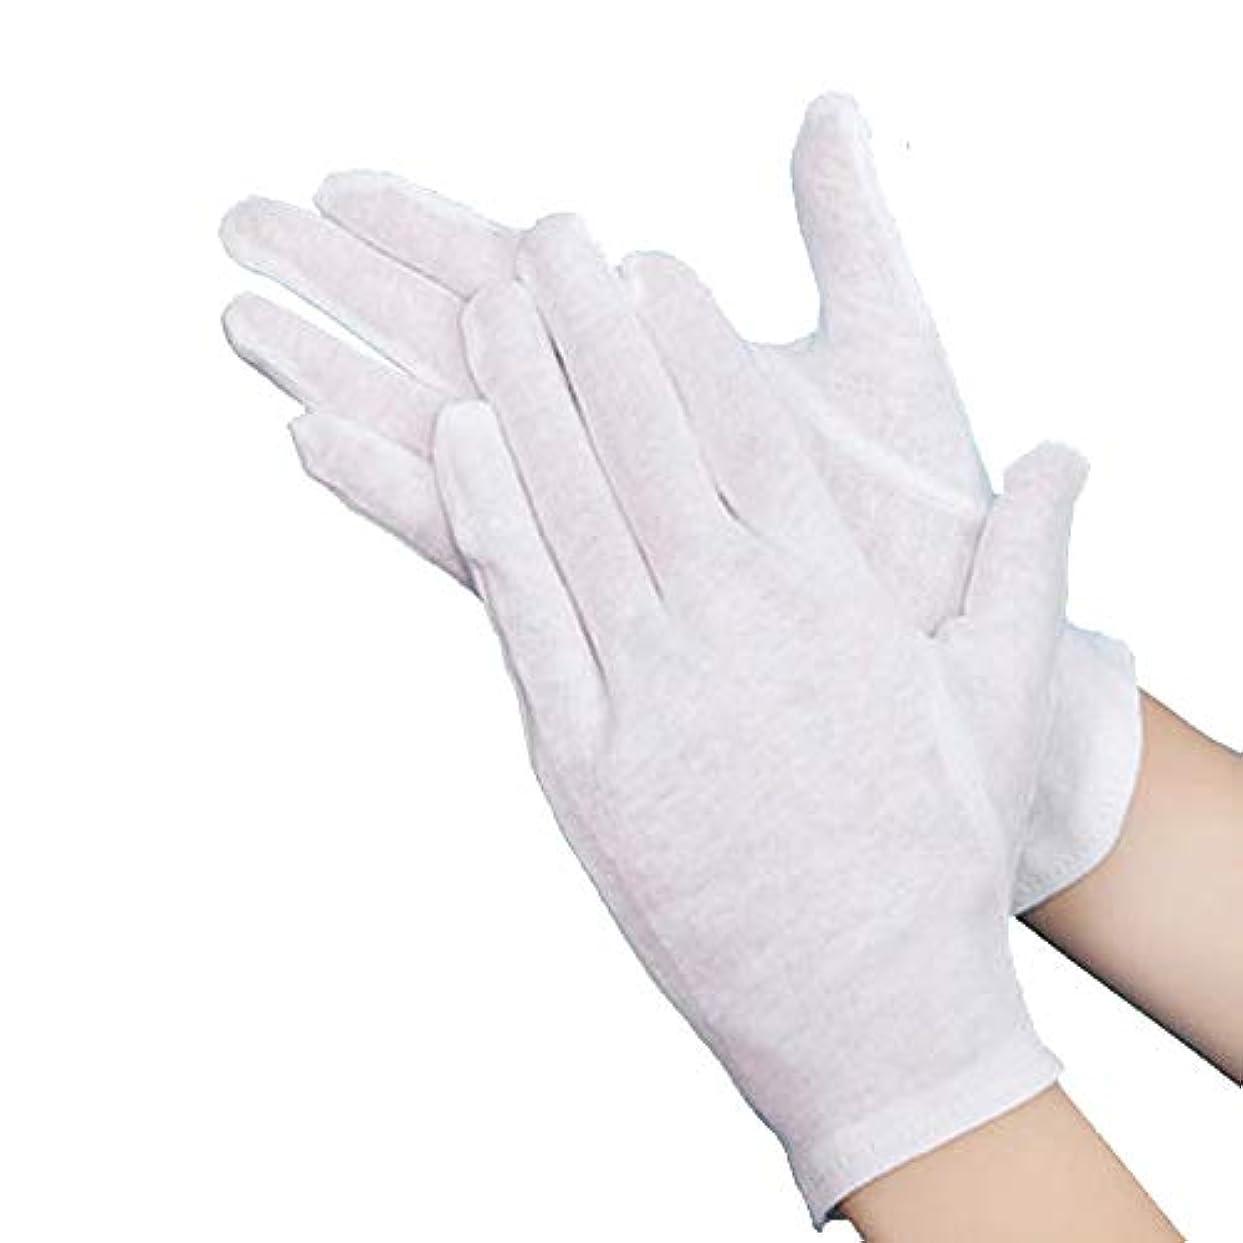 脅迫不適当パークPROMEDIX綿手袋 純綿100% 通気性 コットン手袋 10双組 (M)